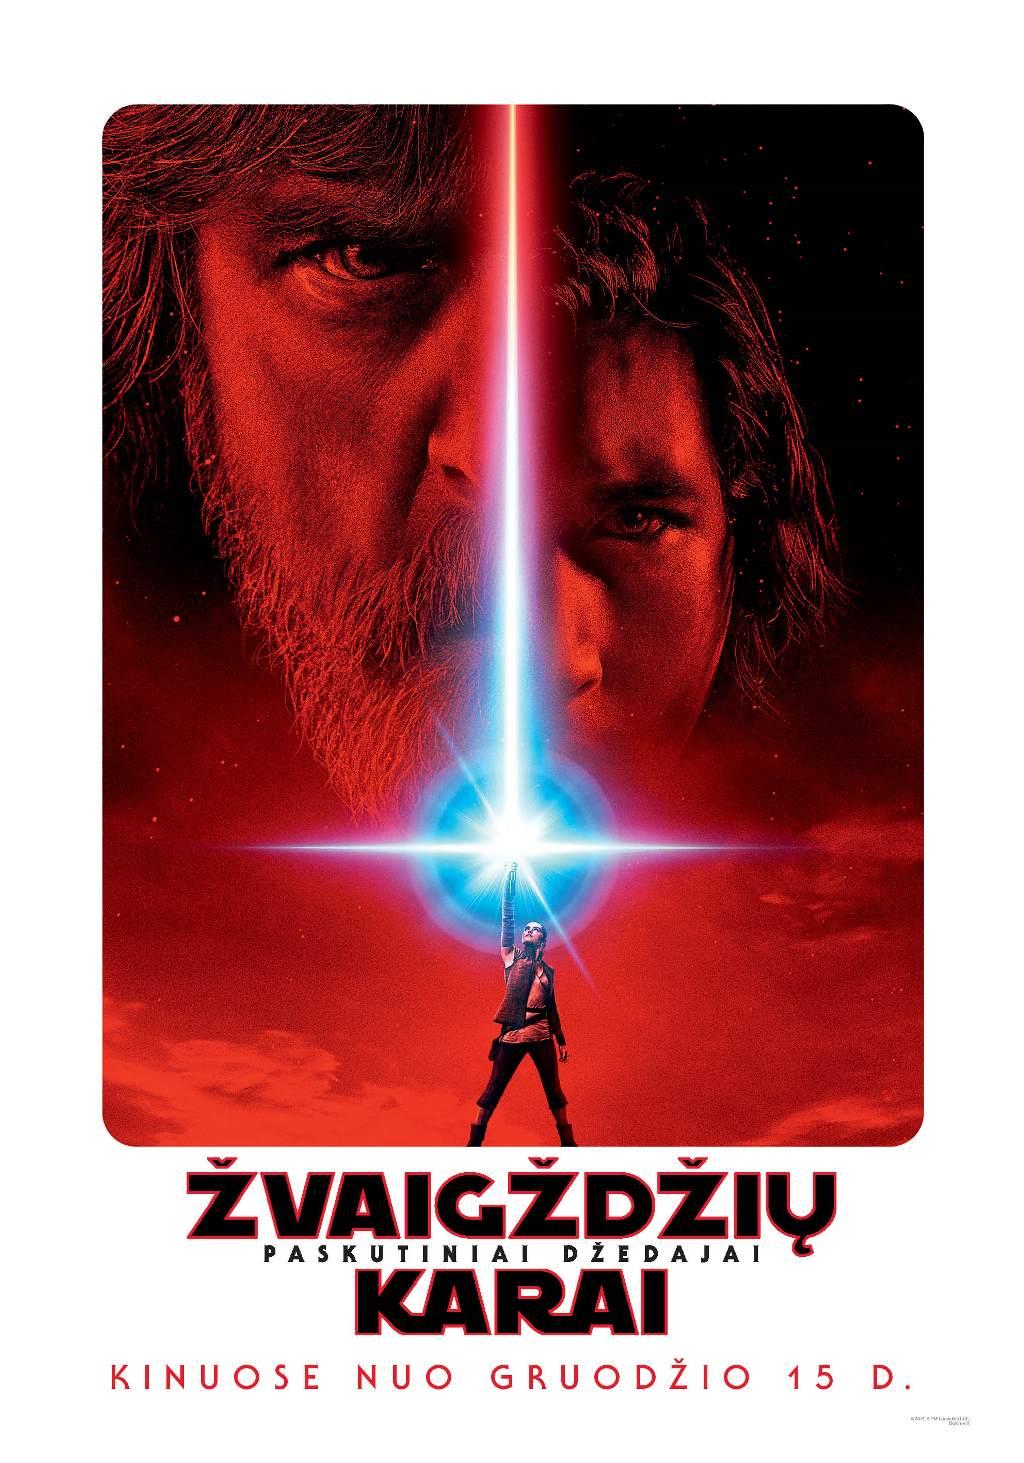 Žvaigždžių karai: Paskutinis Džedajus (Star Wars: The Last Jedi)